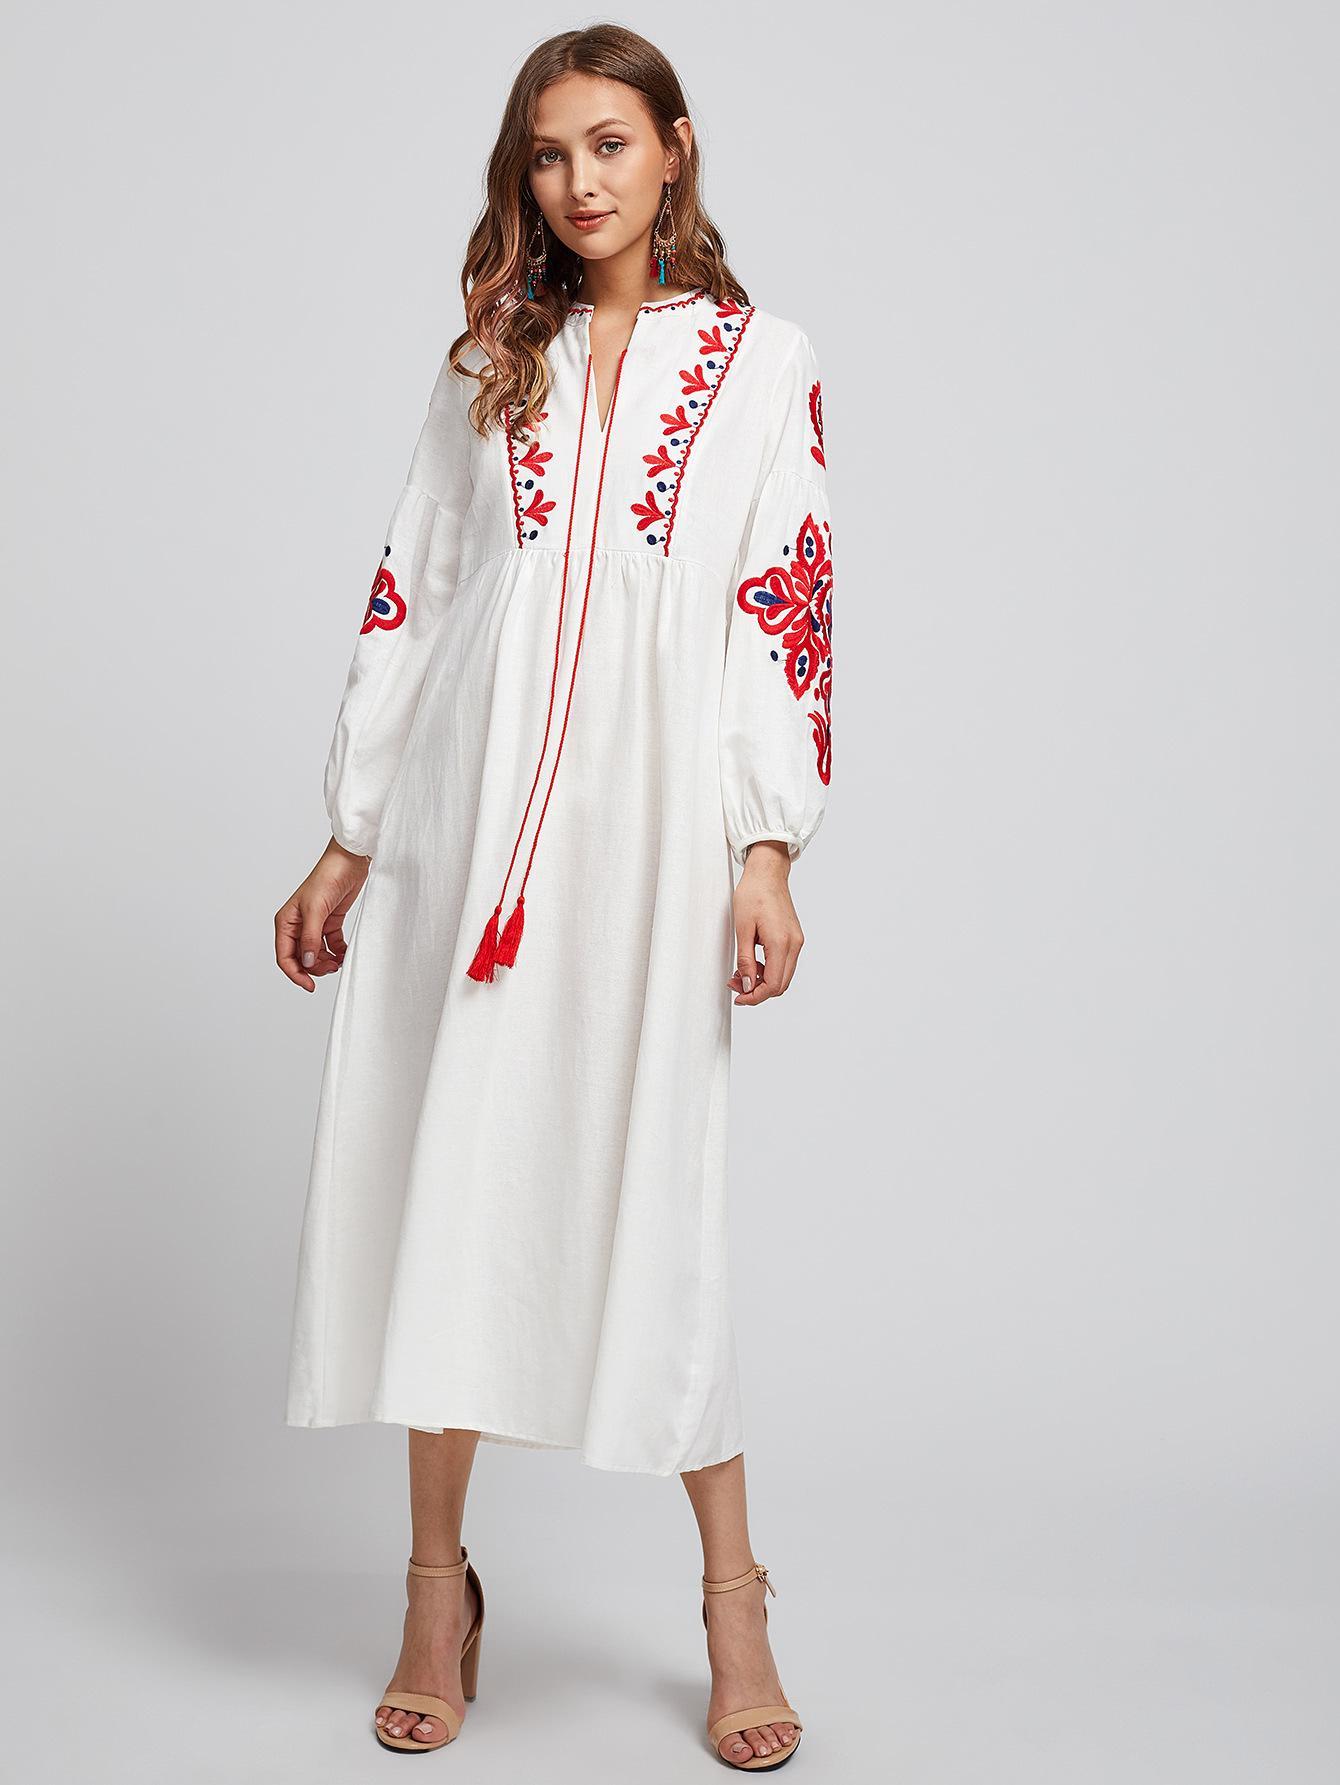 Image 3 - Ethnic Style Muslim Women Long Sleeve Maxi Dress Embroidery Arab  Abaya Cocktail Drawstring Vintage Dress Ukrainian VyshyvankaIslamic  Clothing